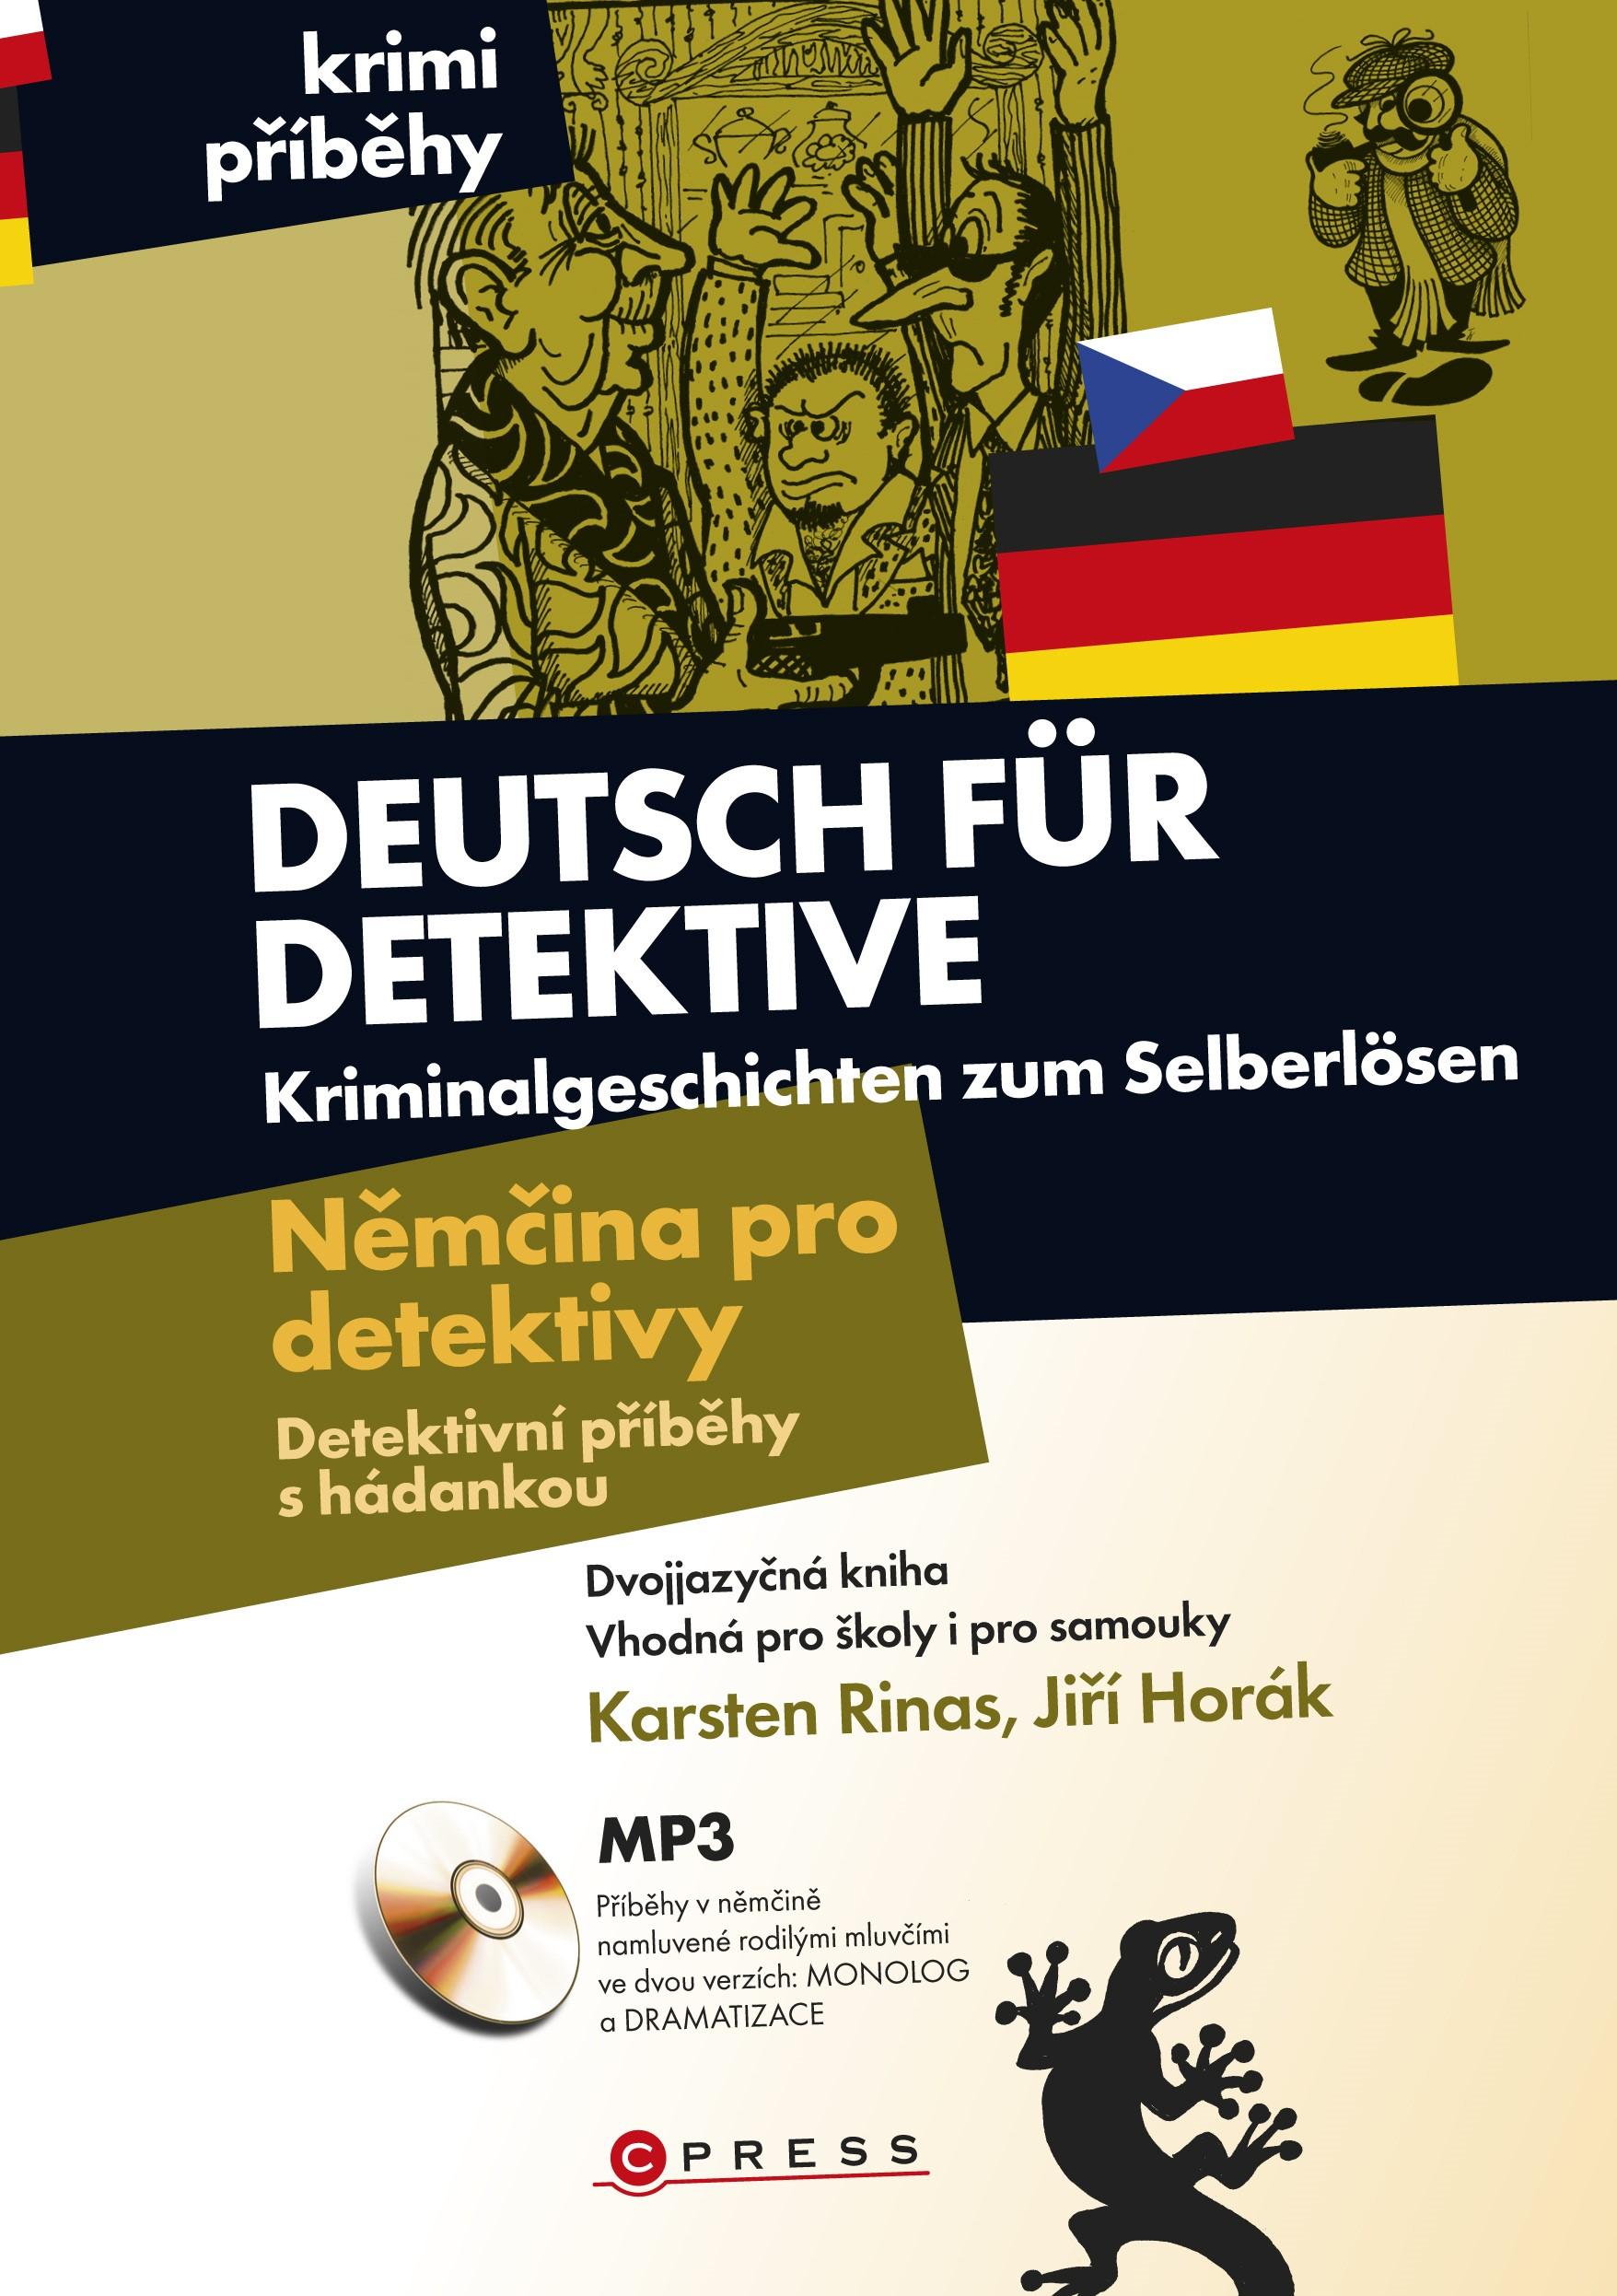 Němčina pro detektivy - Detektivní příběhy s hádankou | Karsten Rinas, Jiří Horák